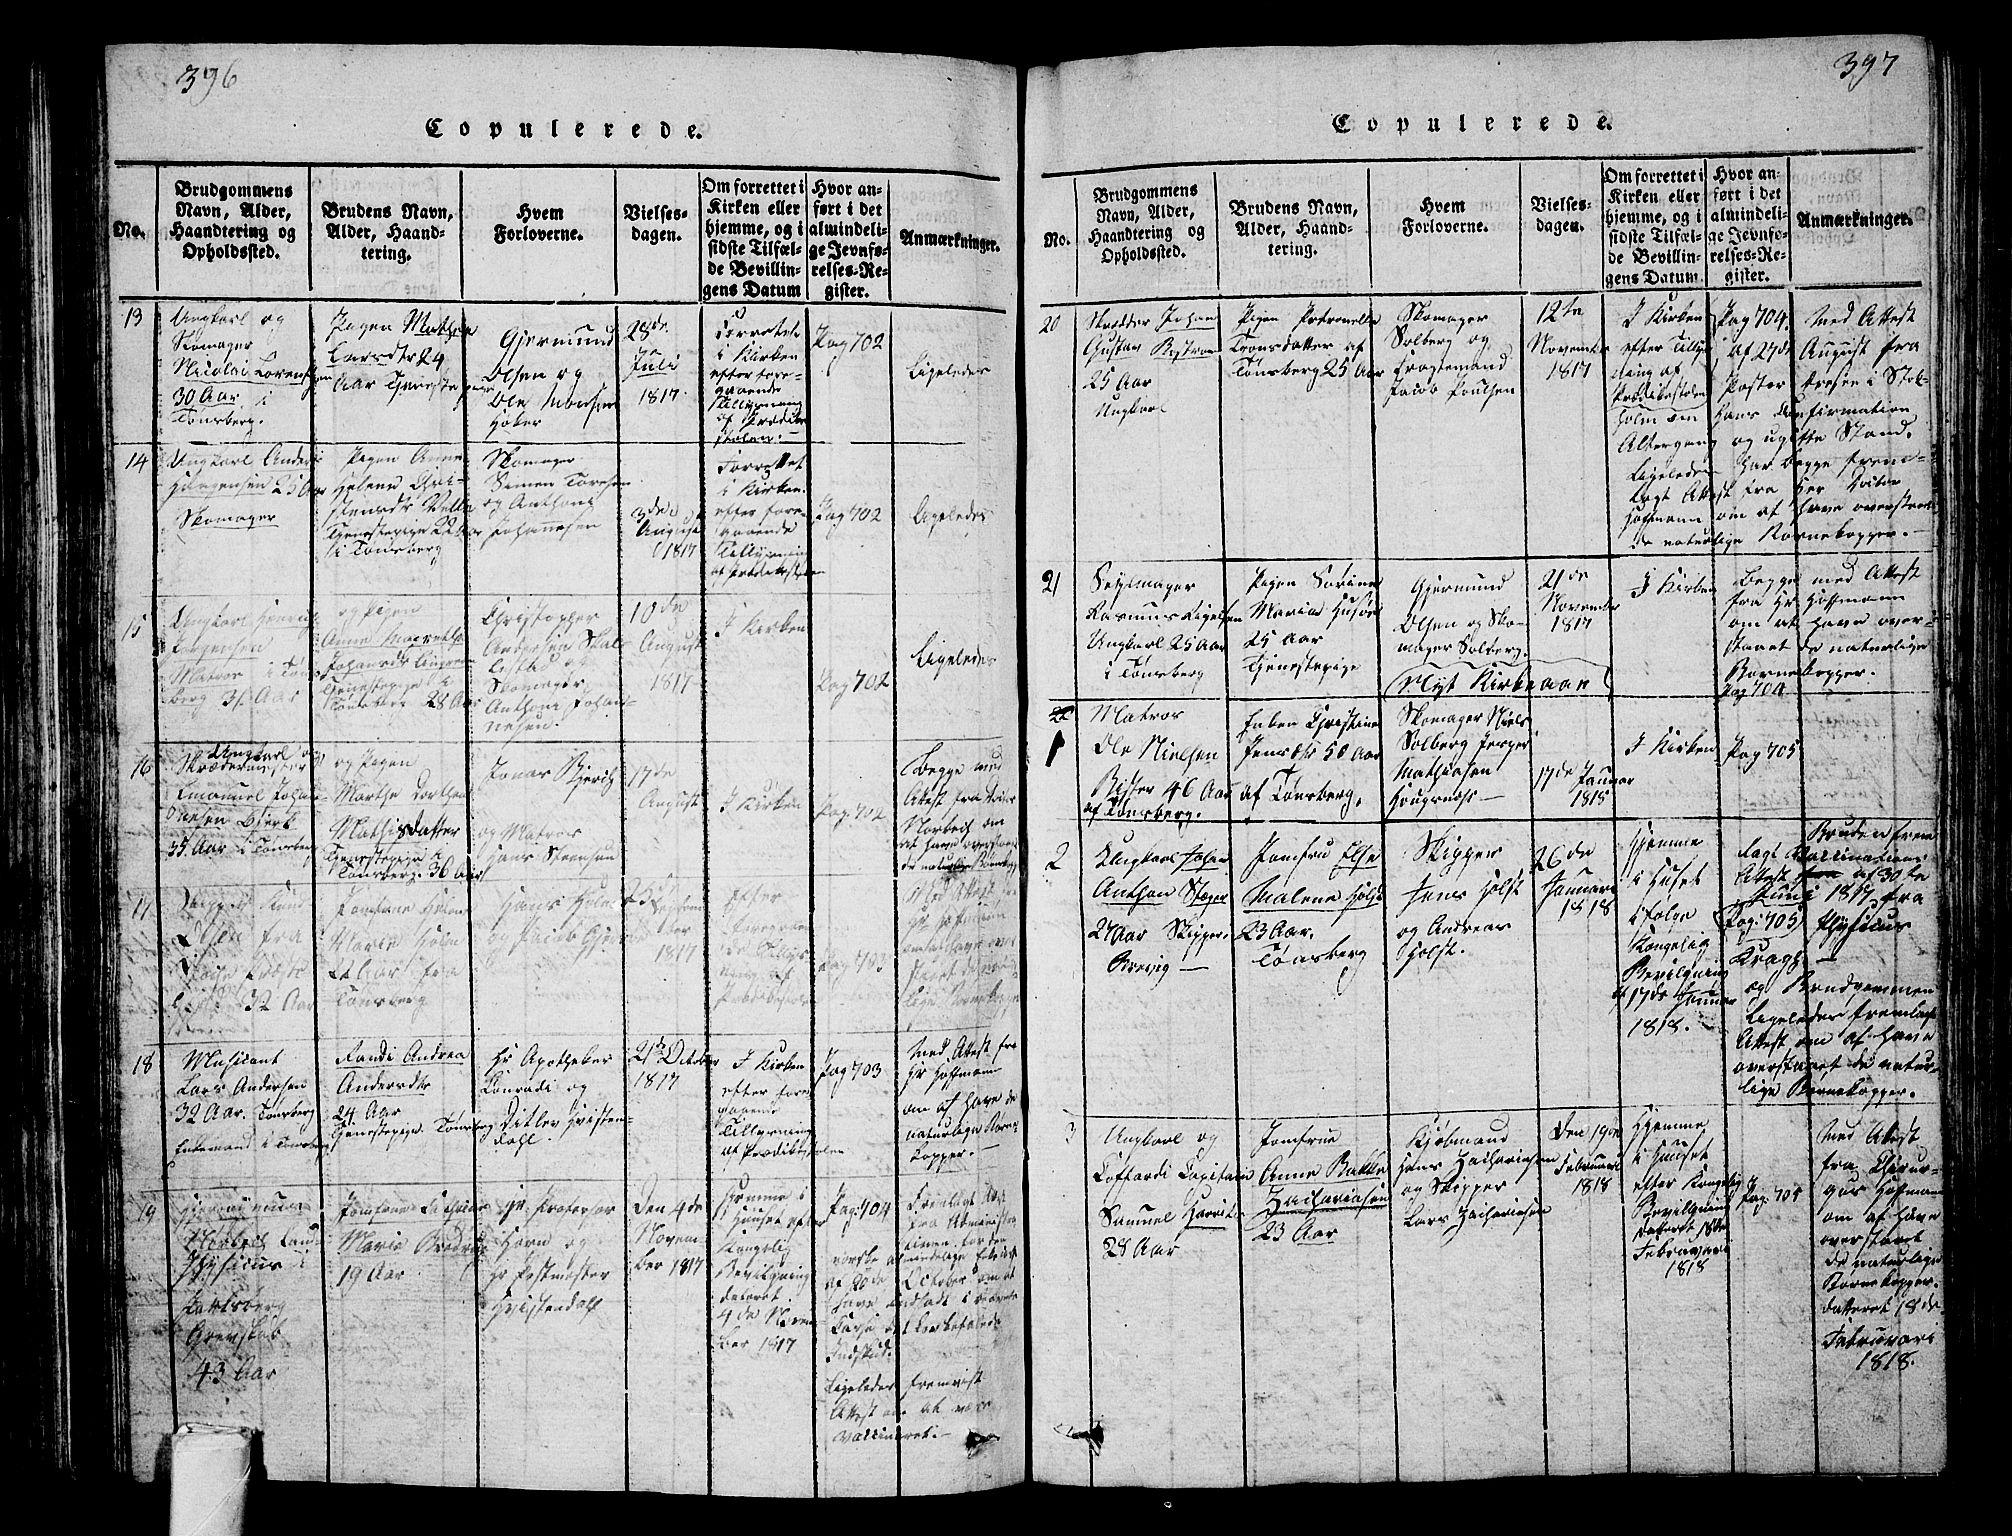 SAKO, Tønsberg kirkebøker, G/Ga/L0001: Klokkerbok nr. 1, 1813-1826, s. 396-397